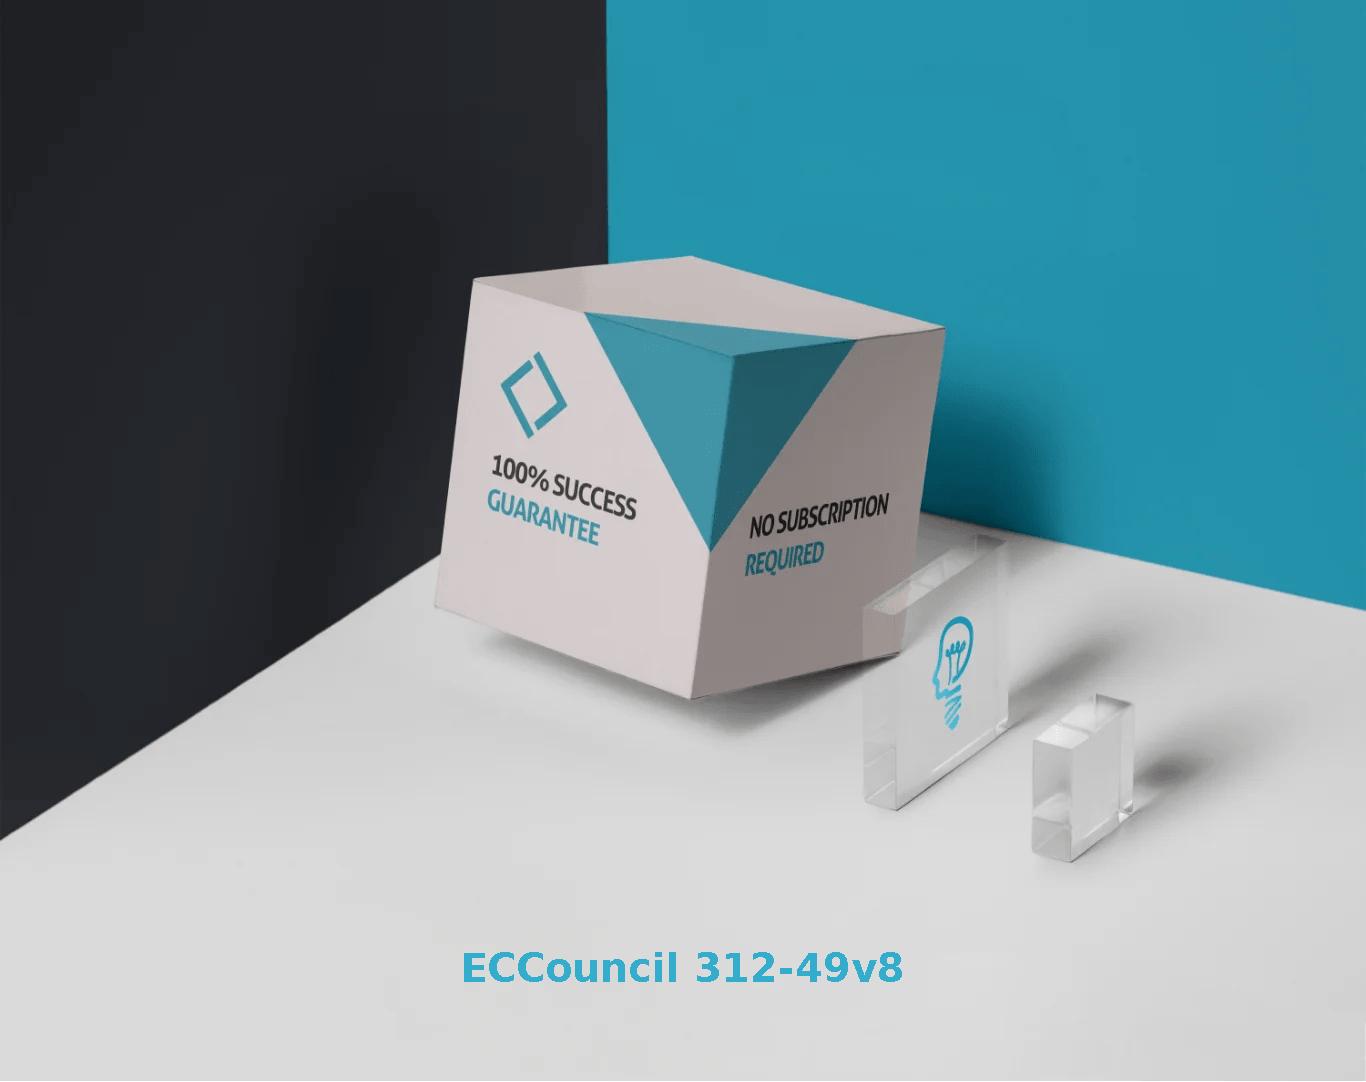 ECCouncil 312-49v8 Exams